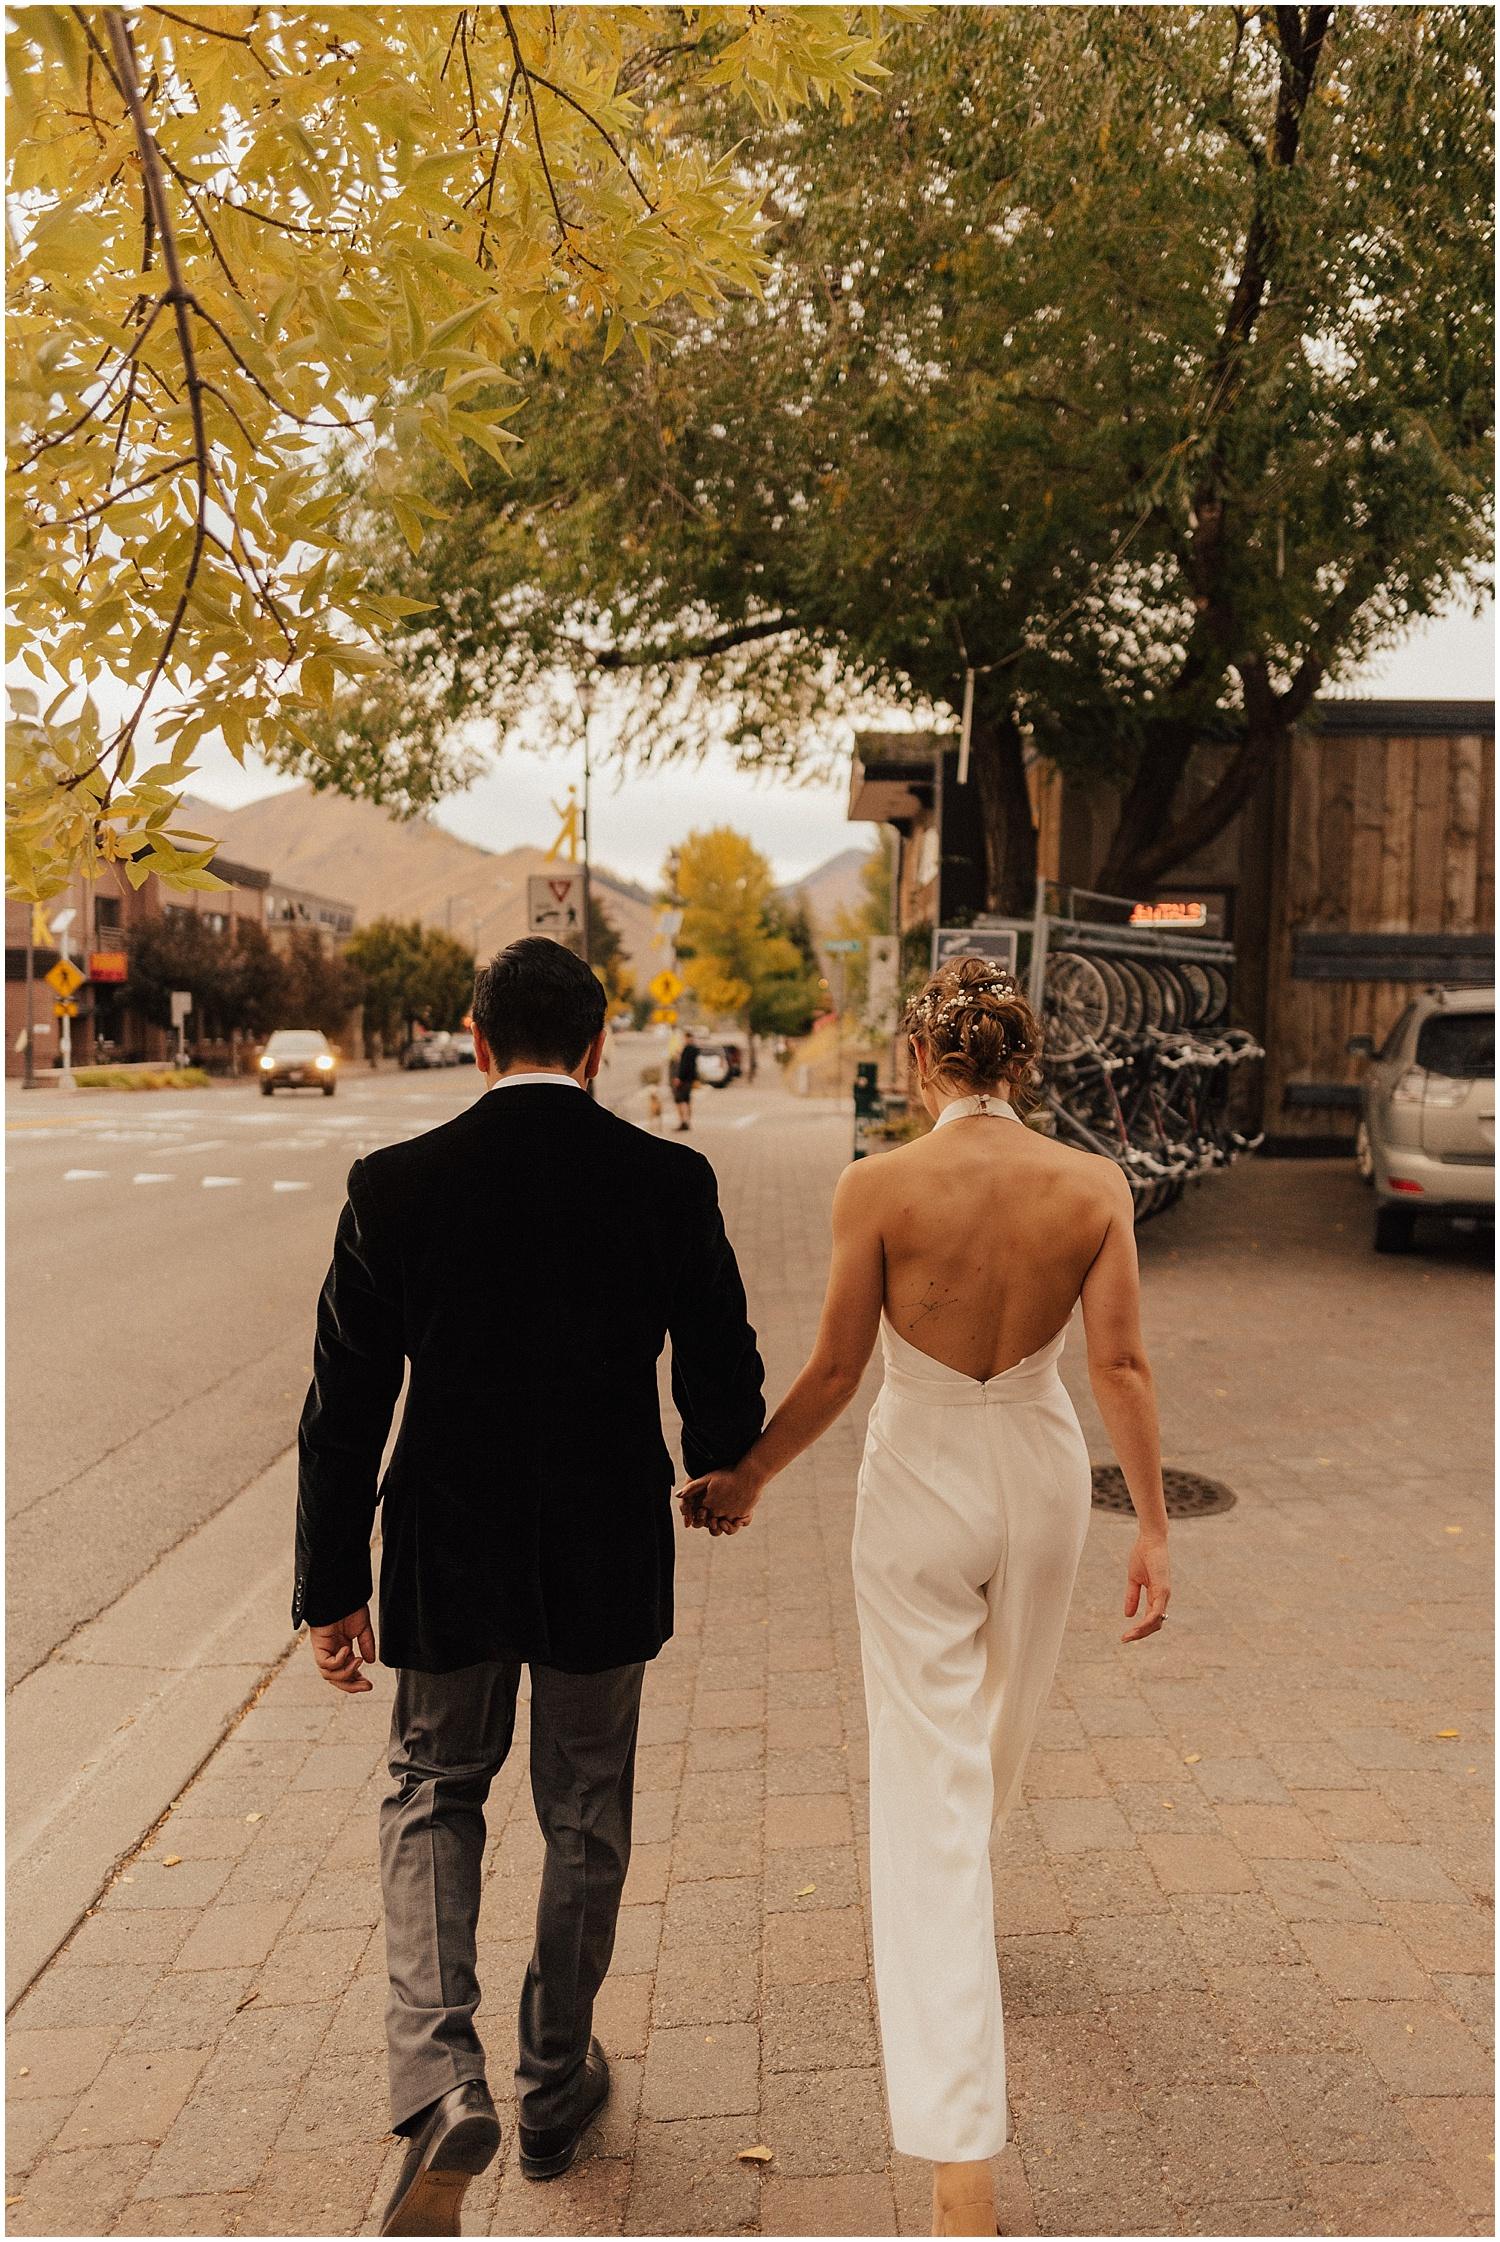 church-wedding-industrial-reception-sunvalley-idaho93.jpg